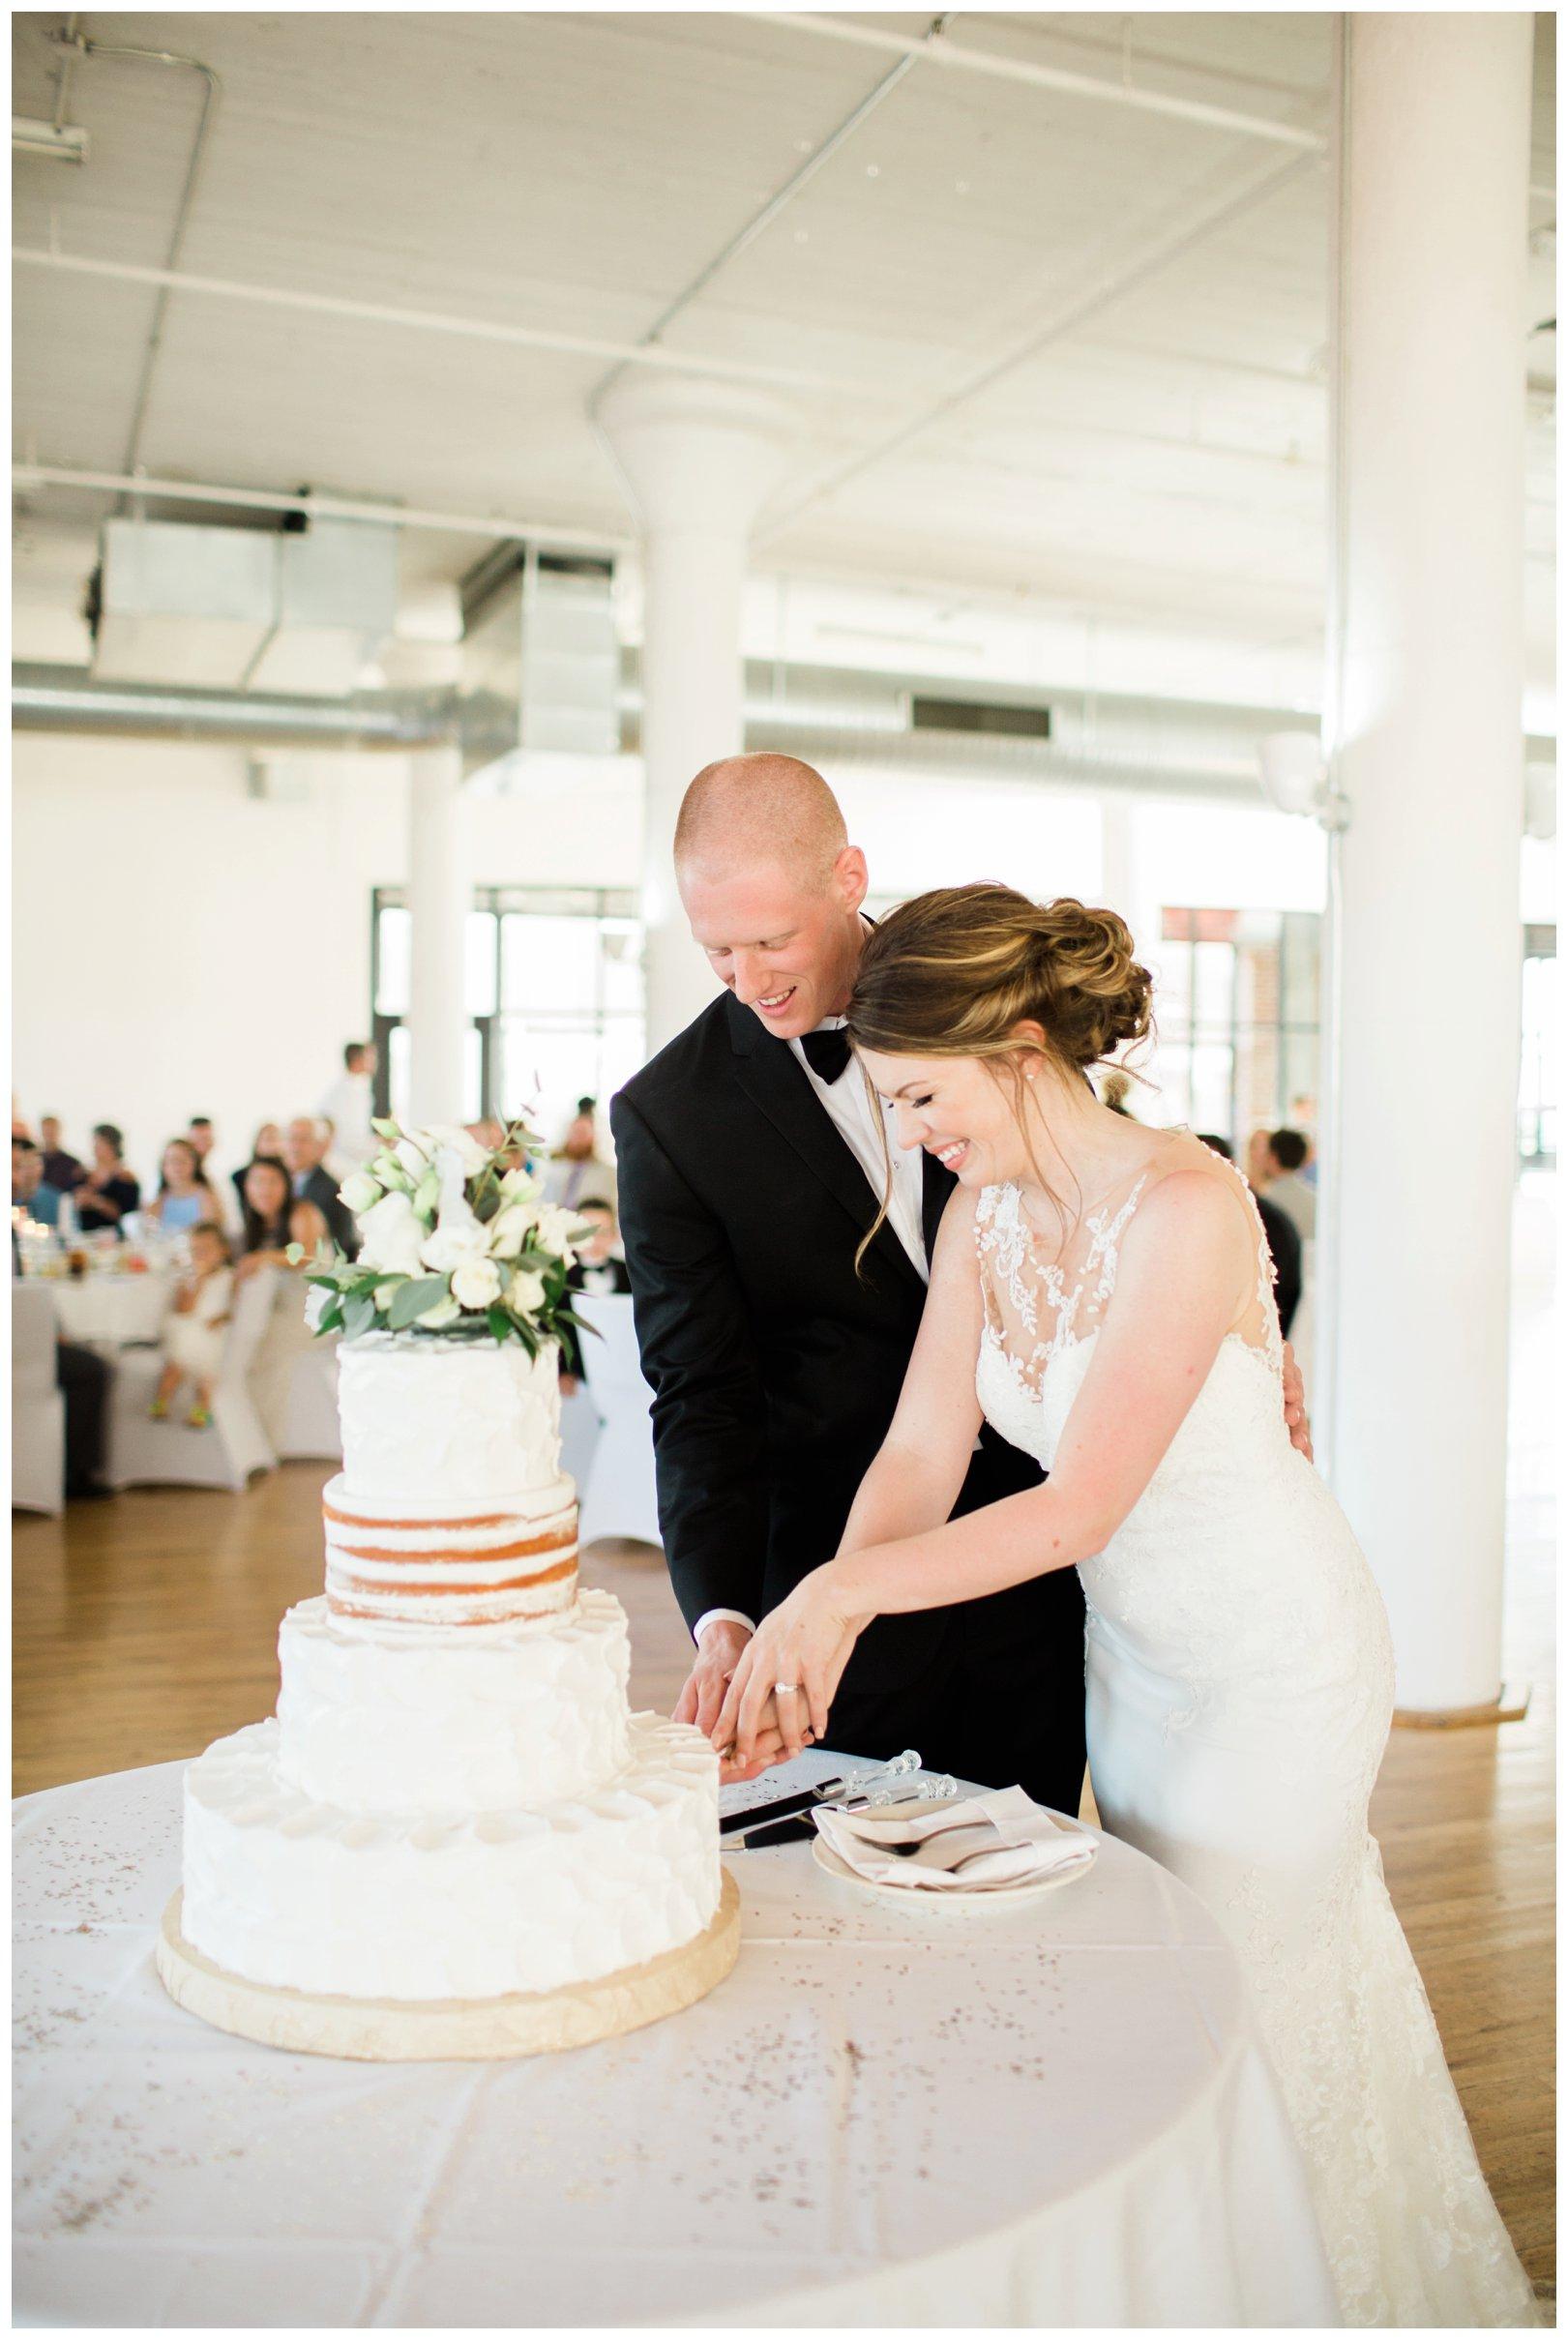 lauren muckler photography_fine art film wedding photography_st louis_photography_1329.jpg